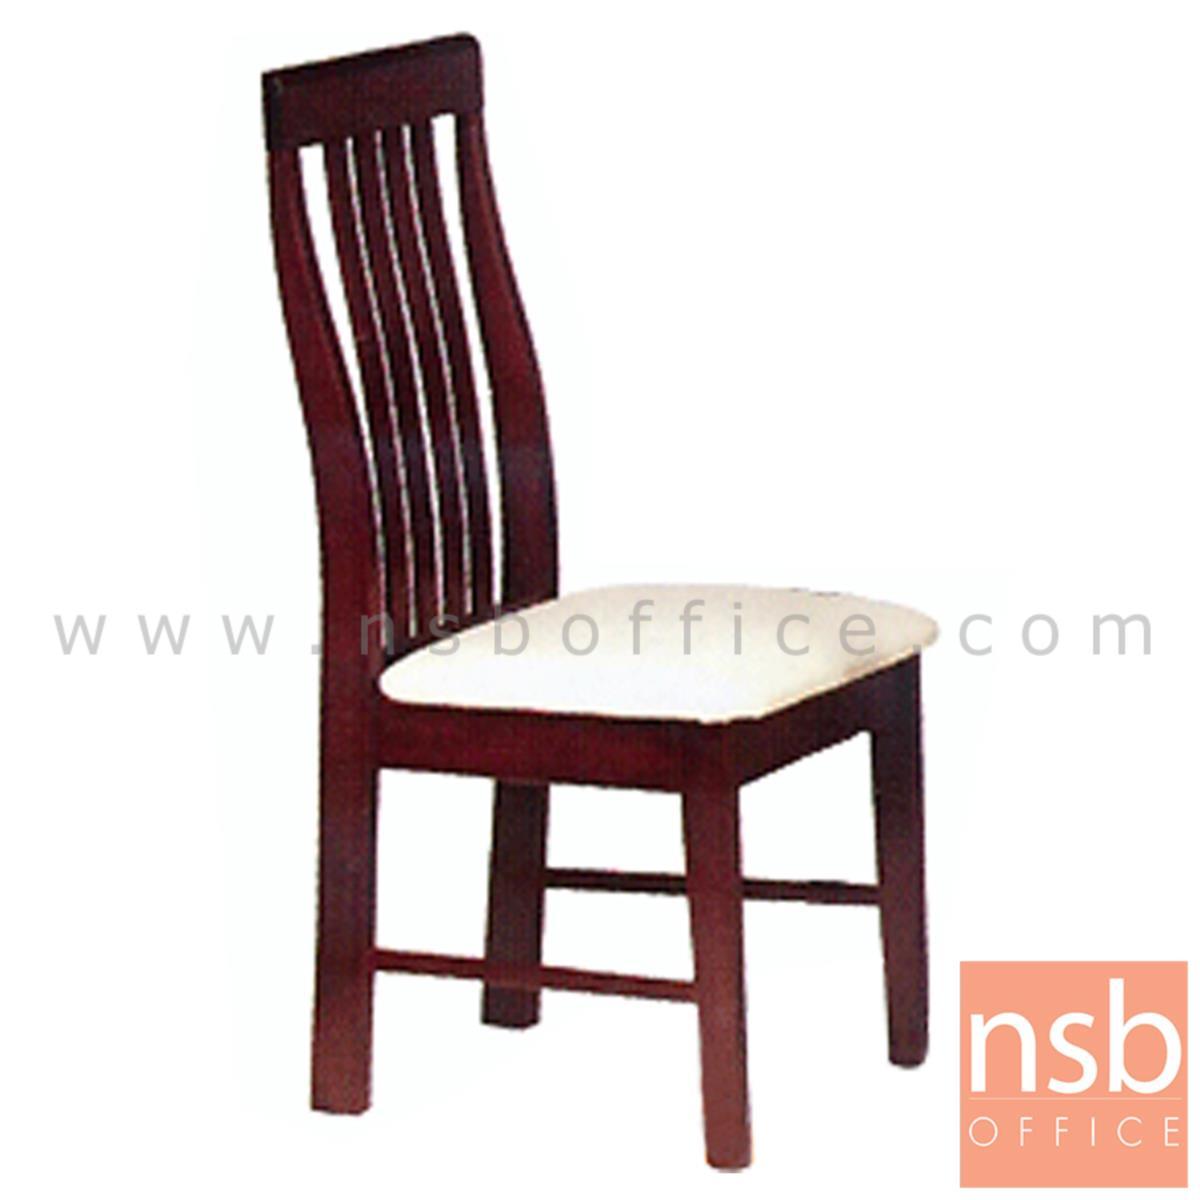 G14A045:เก้าอี้ไม้ยางพาราที่นั่งหุ้มหนังเทียม รุ่น Clancy (แคลนซี) ขาไม้